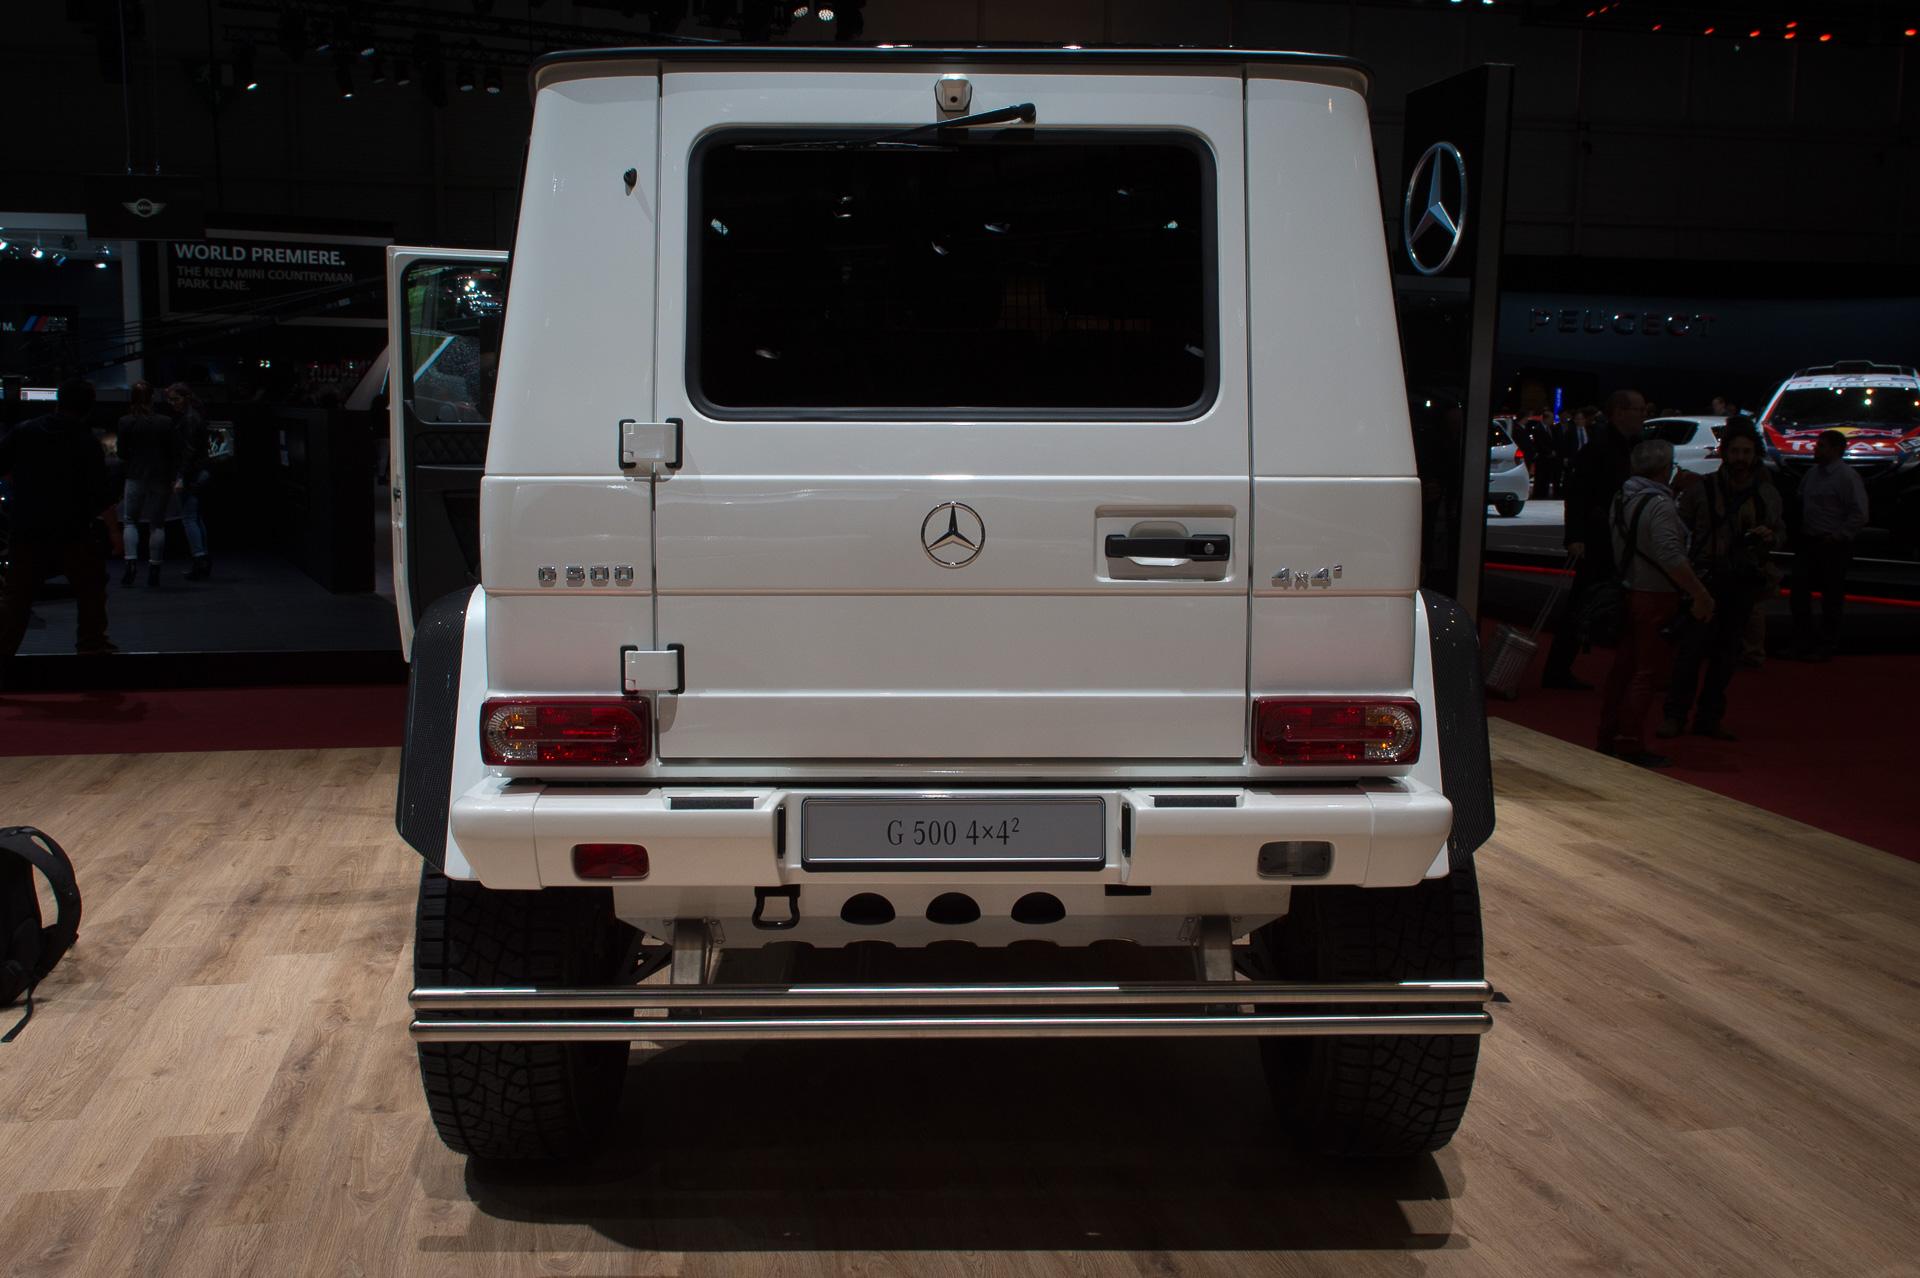 Genf-2015-Mercedes-Benz-G500-4x42-Studie-weiss-11